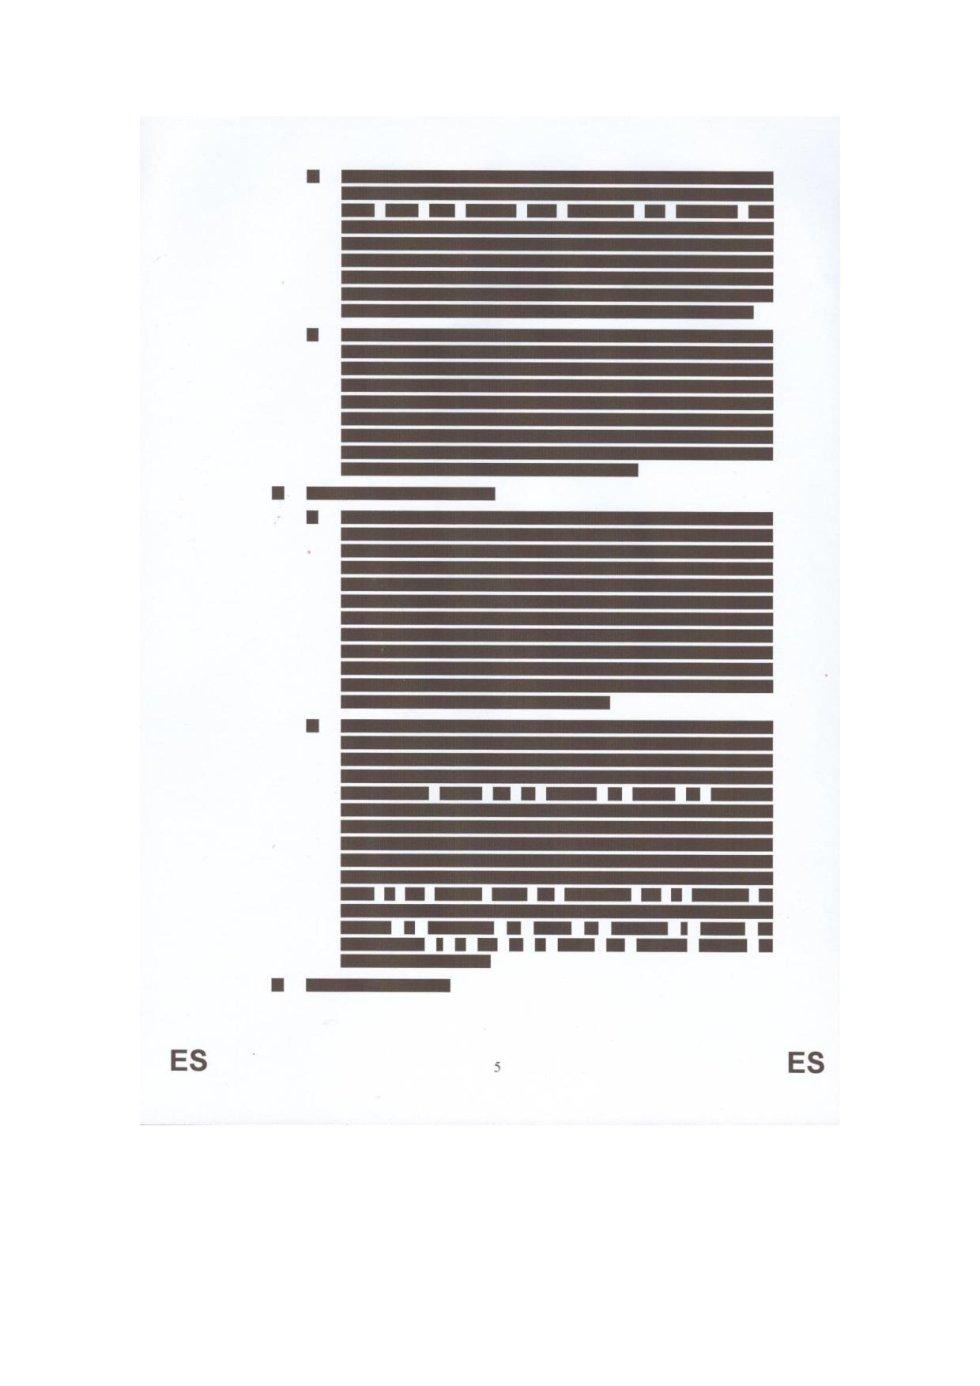 Versión mutilada del dictamen positivo de la Comisión Europea sobre la mina de uranio de Berkeley en Retortillo (Salamanca)